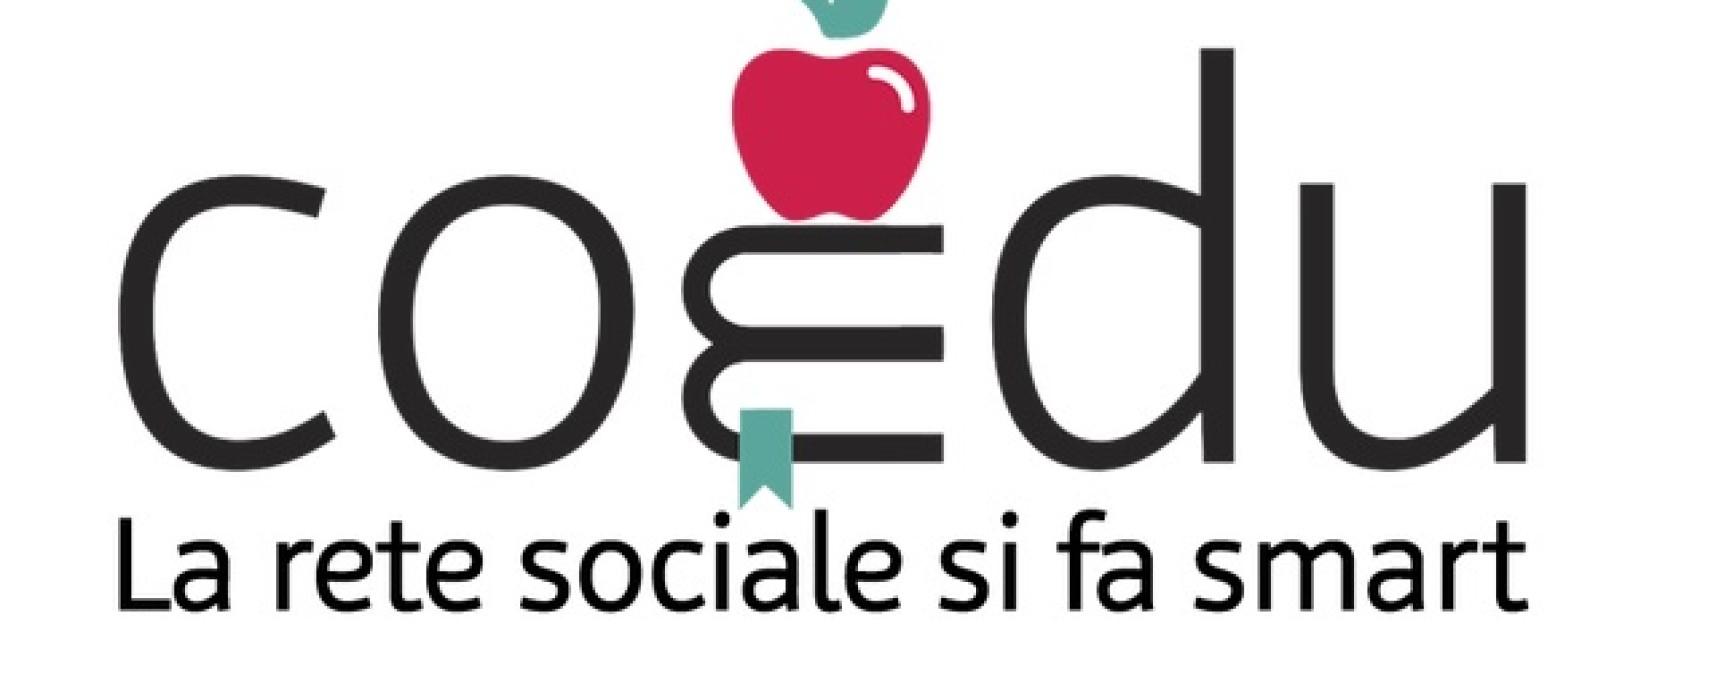 Buone pratiche dal vicino valdarno: Sostieni COEDU, il portale che semplifica l'accesso ai servizi educativi offerti dalle associazioni